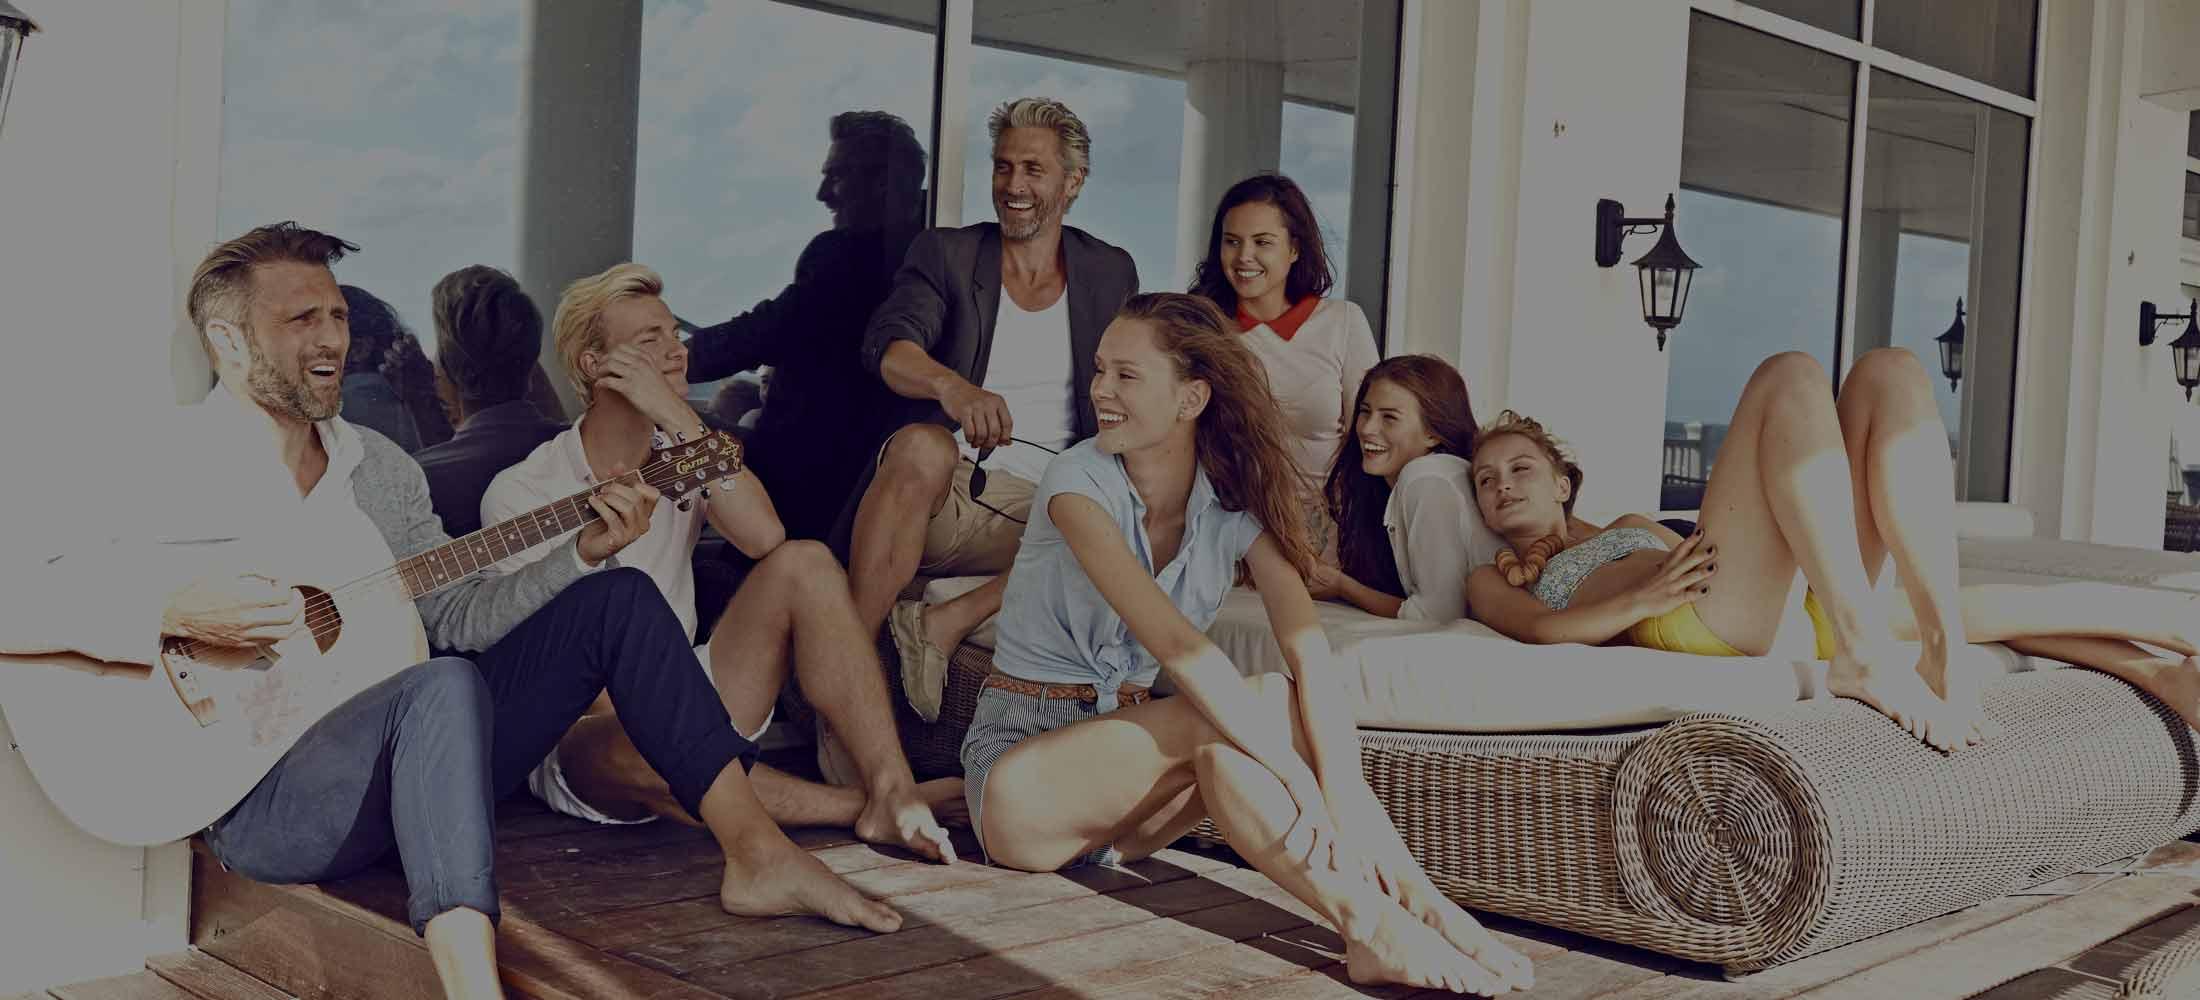 Öka sammanhållningen i gruppen med konferensaktiviteter med Falkenberg Strandbad